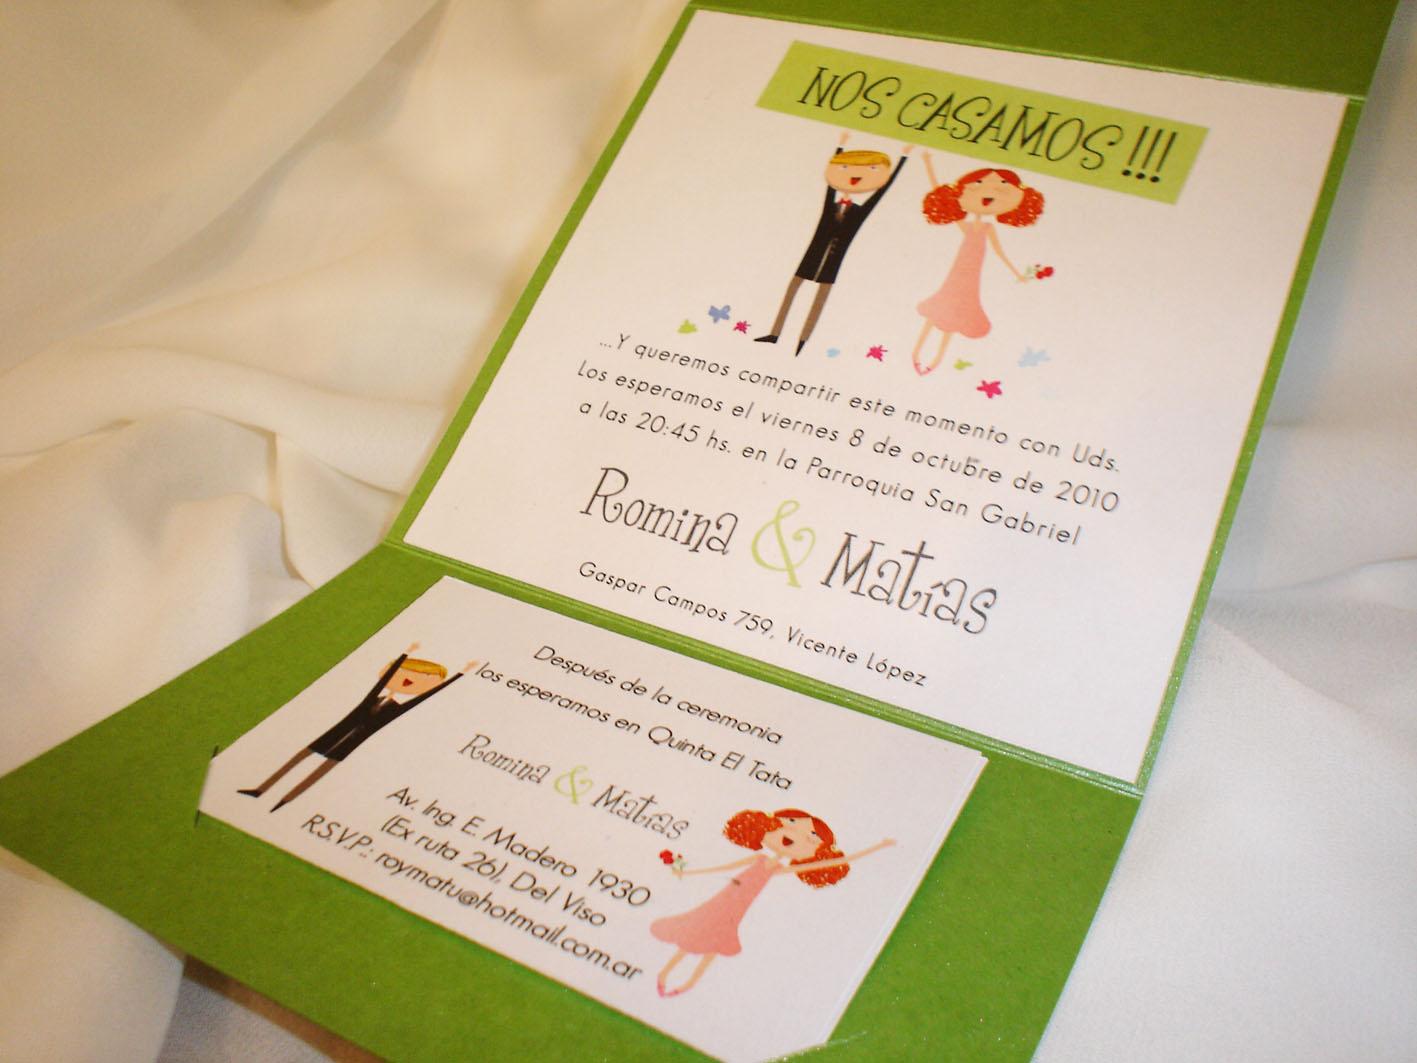 Invitaciones de bodas baratas y divertidas tattoo design - Tarjeta de boda ...